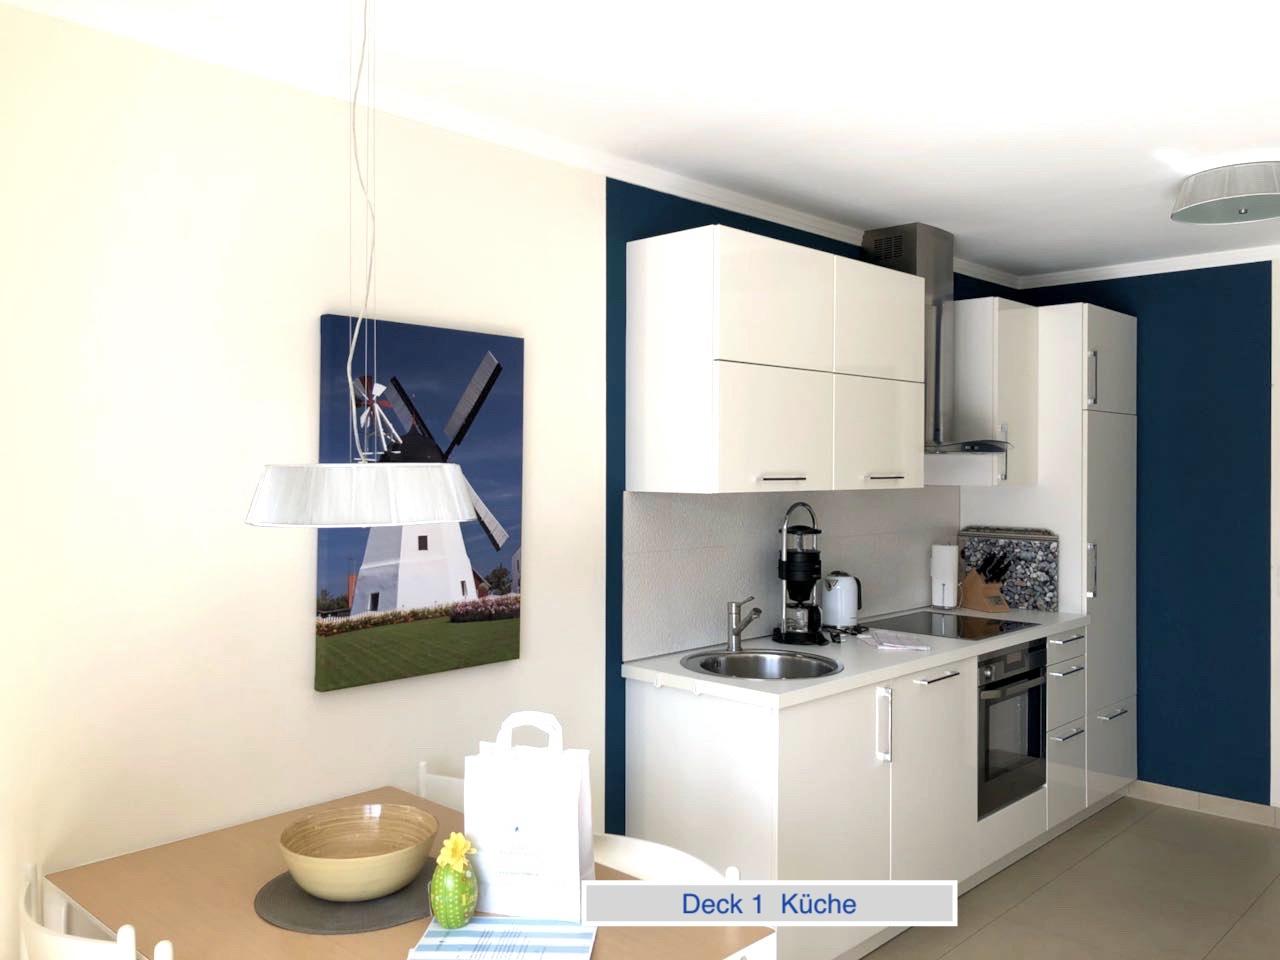 Deck 1 Küche